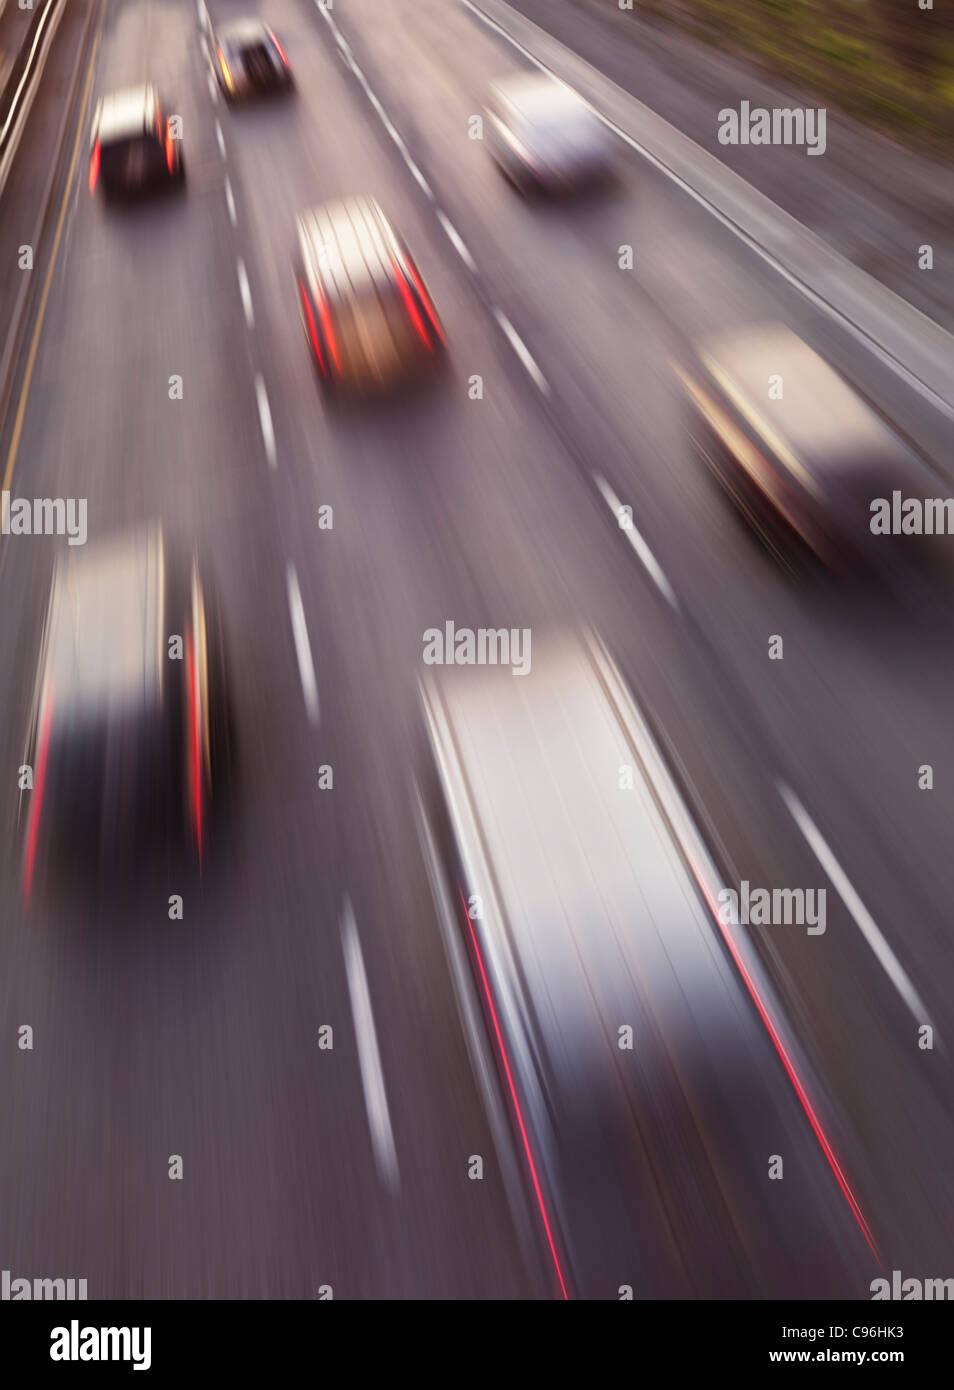 Autobahn-Verkehr in Bewegung. Dynamische hohen Winkel Foto ansehen. Stockbild